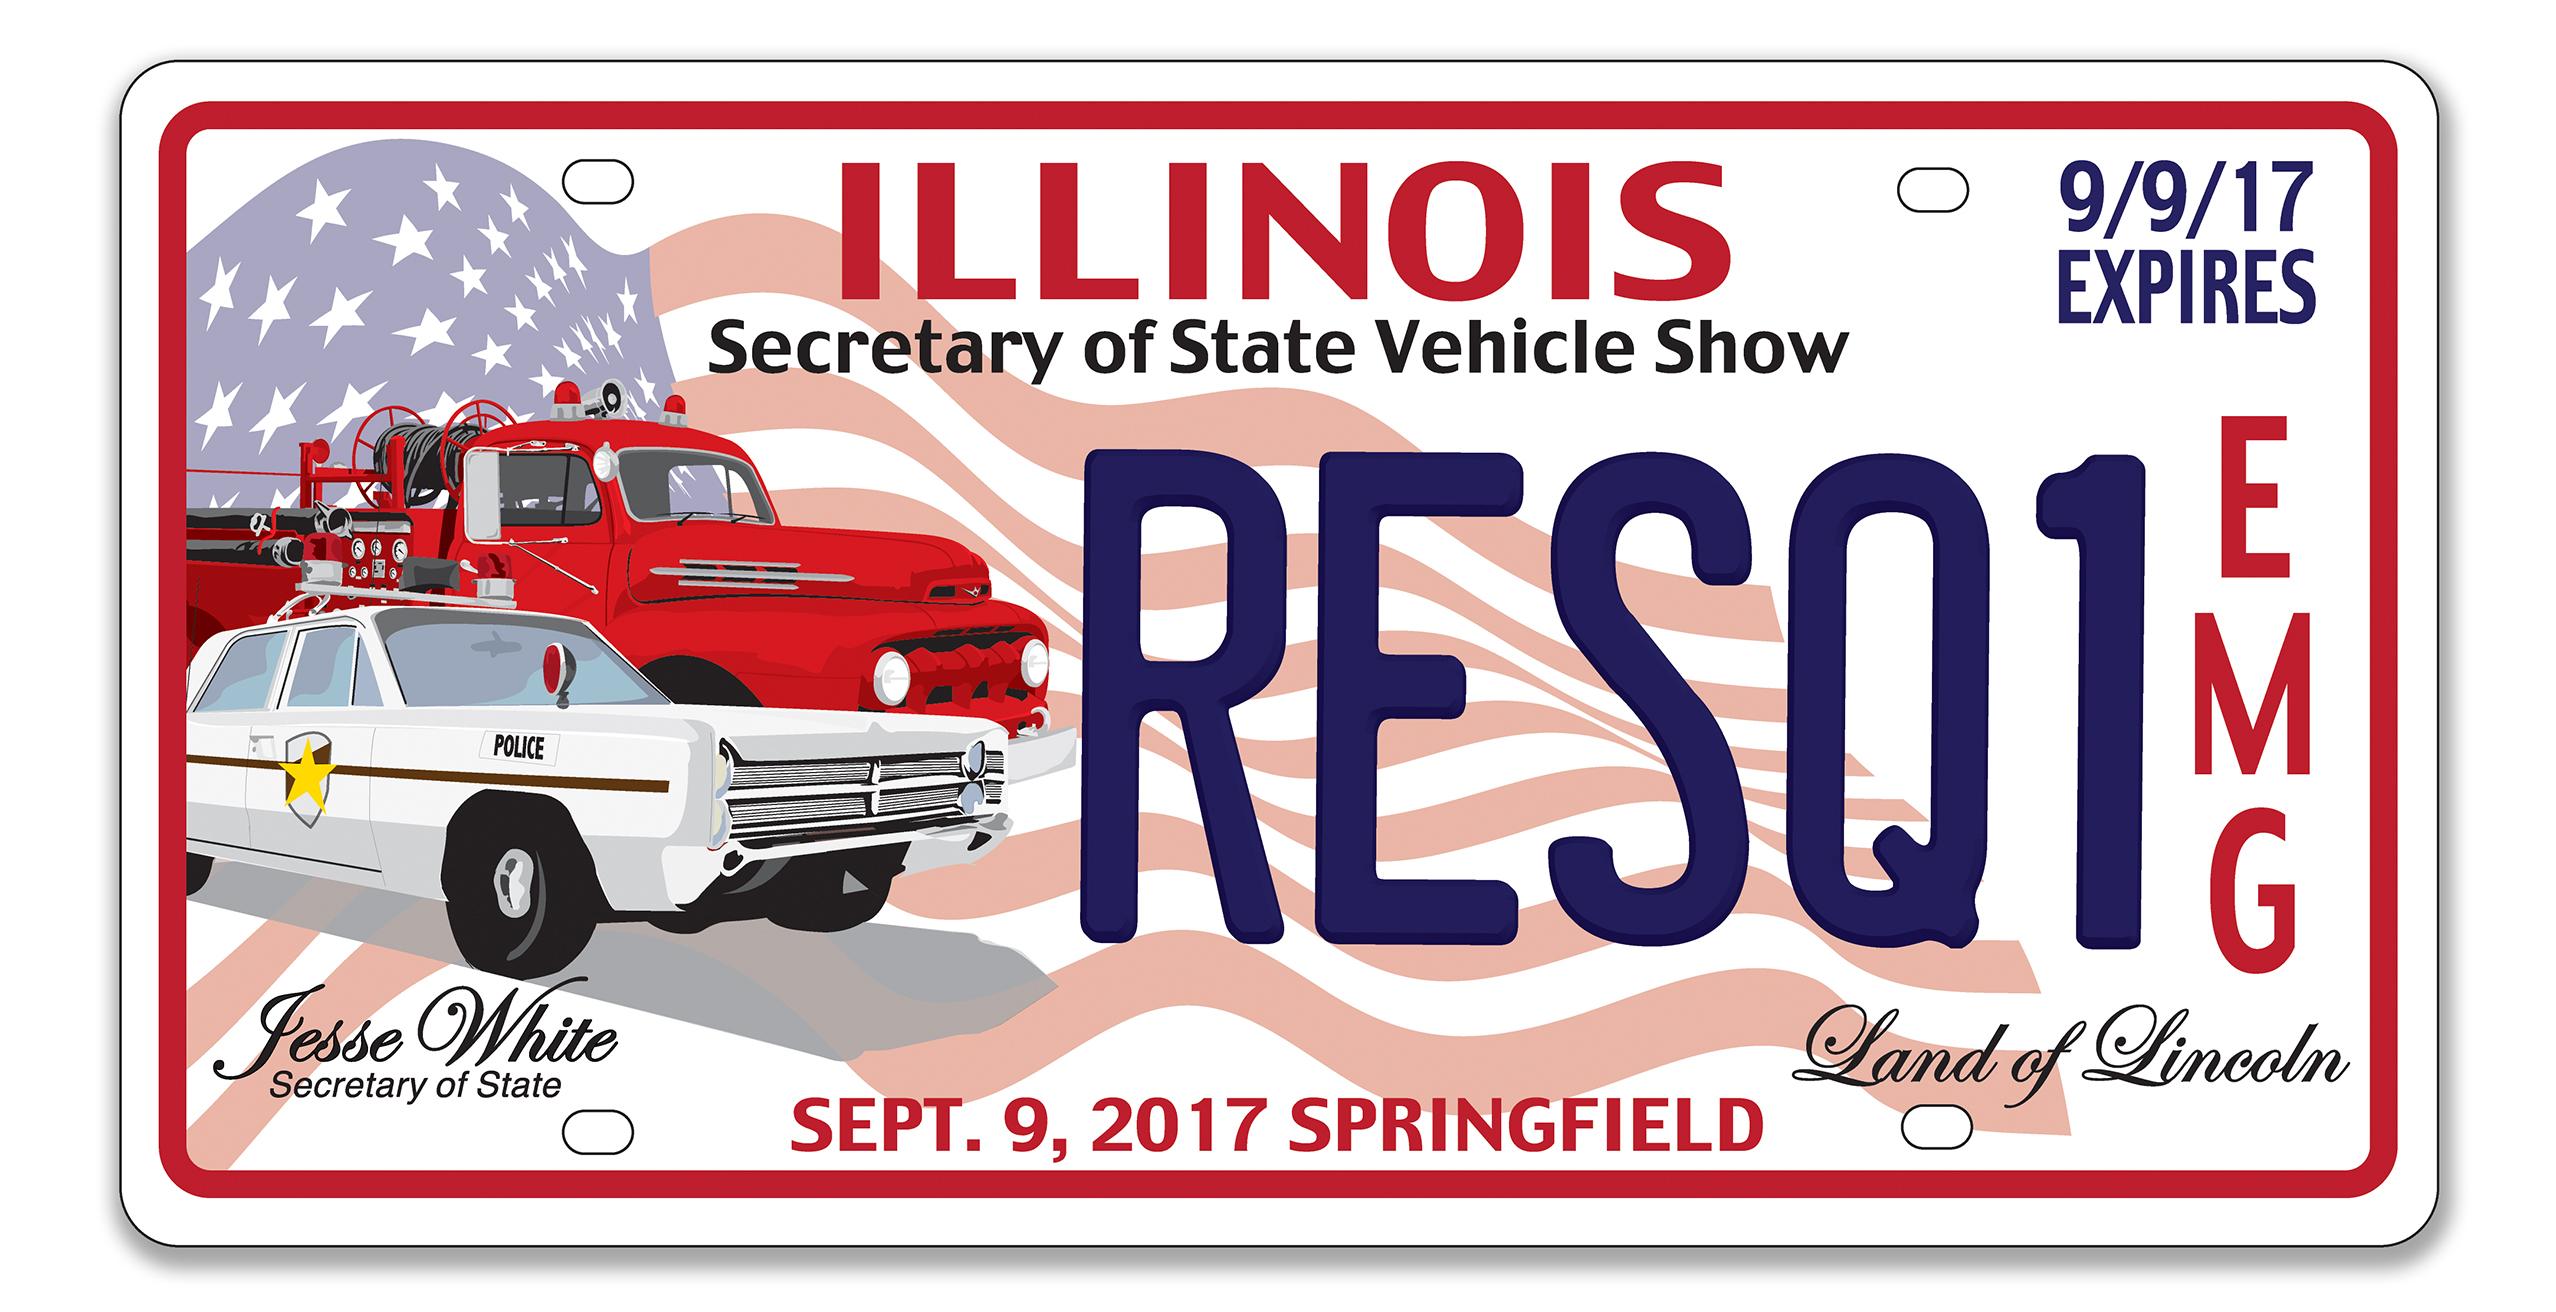 Illinois Secretary of State Vehicle Show